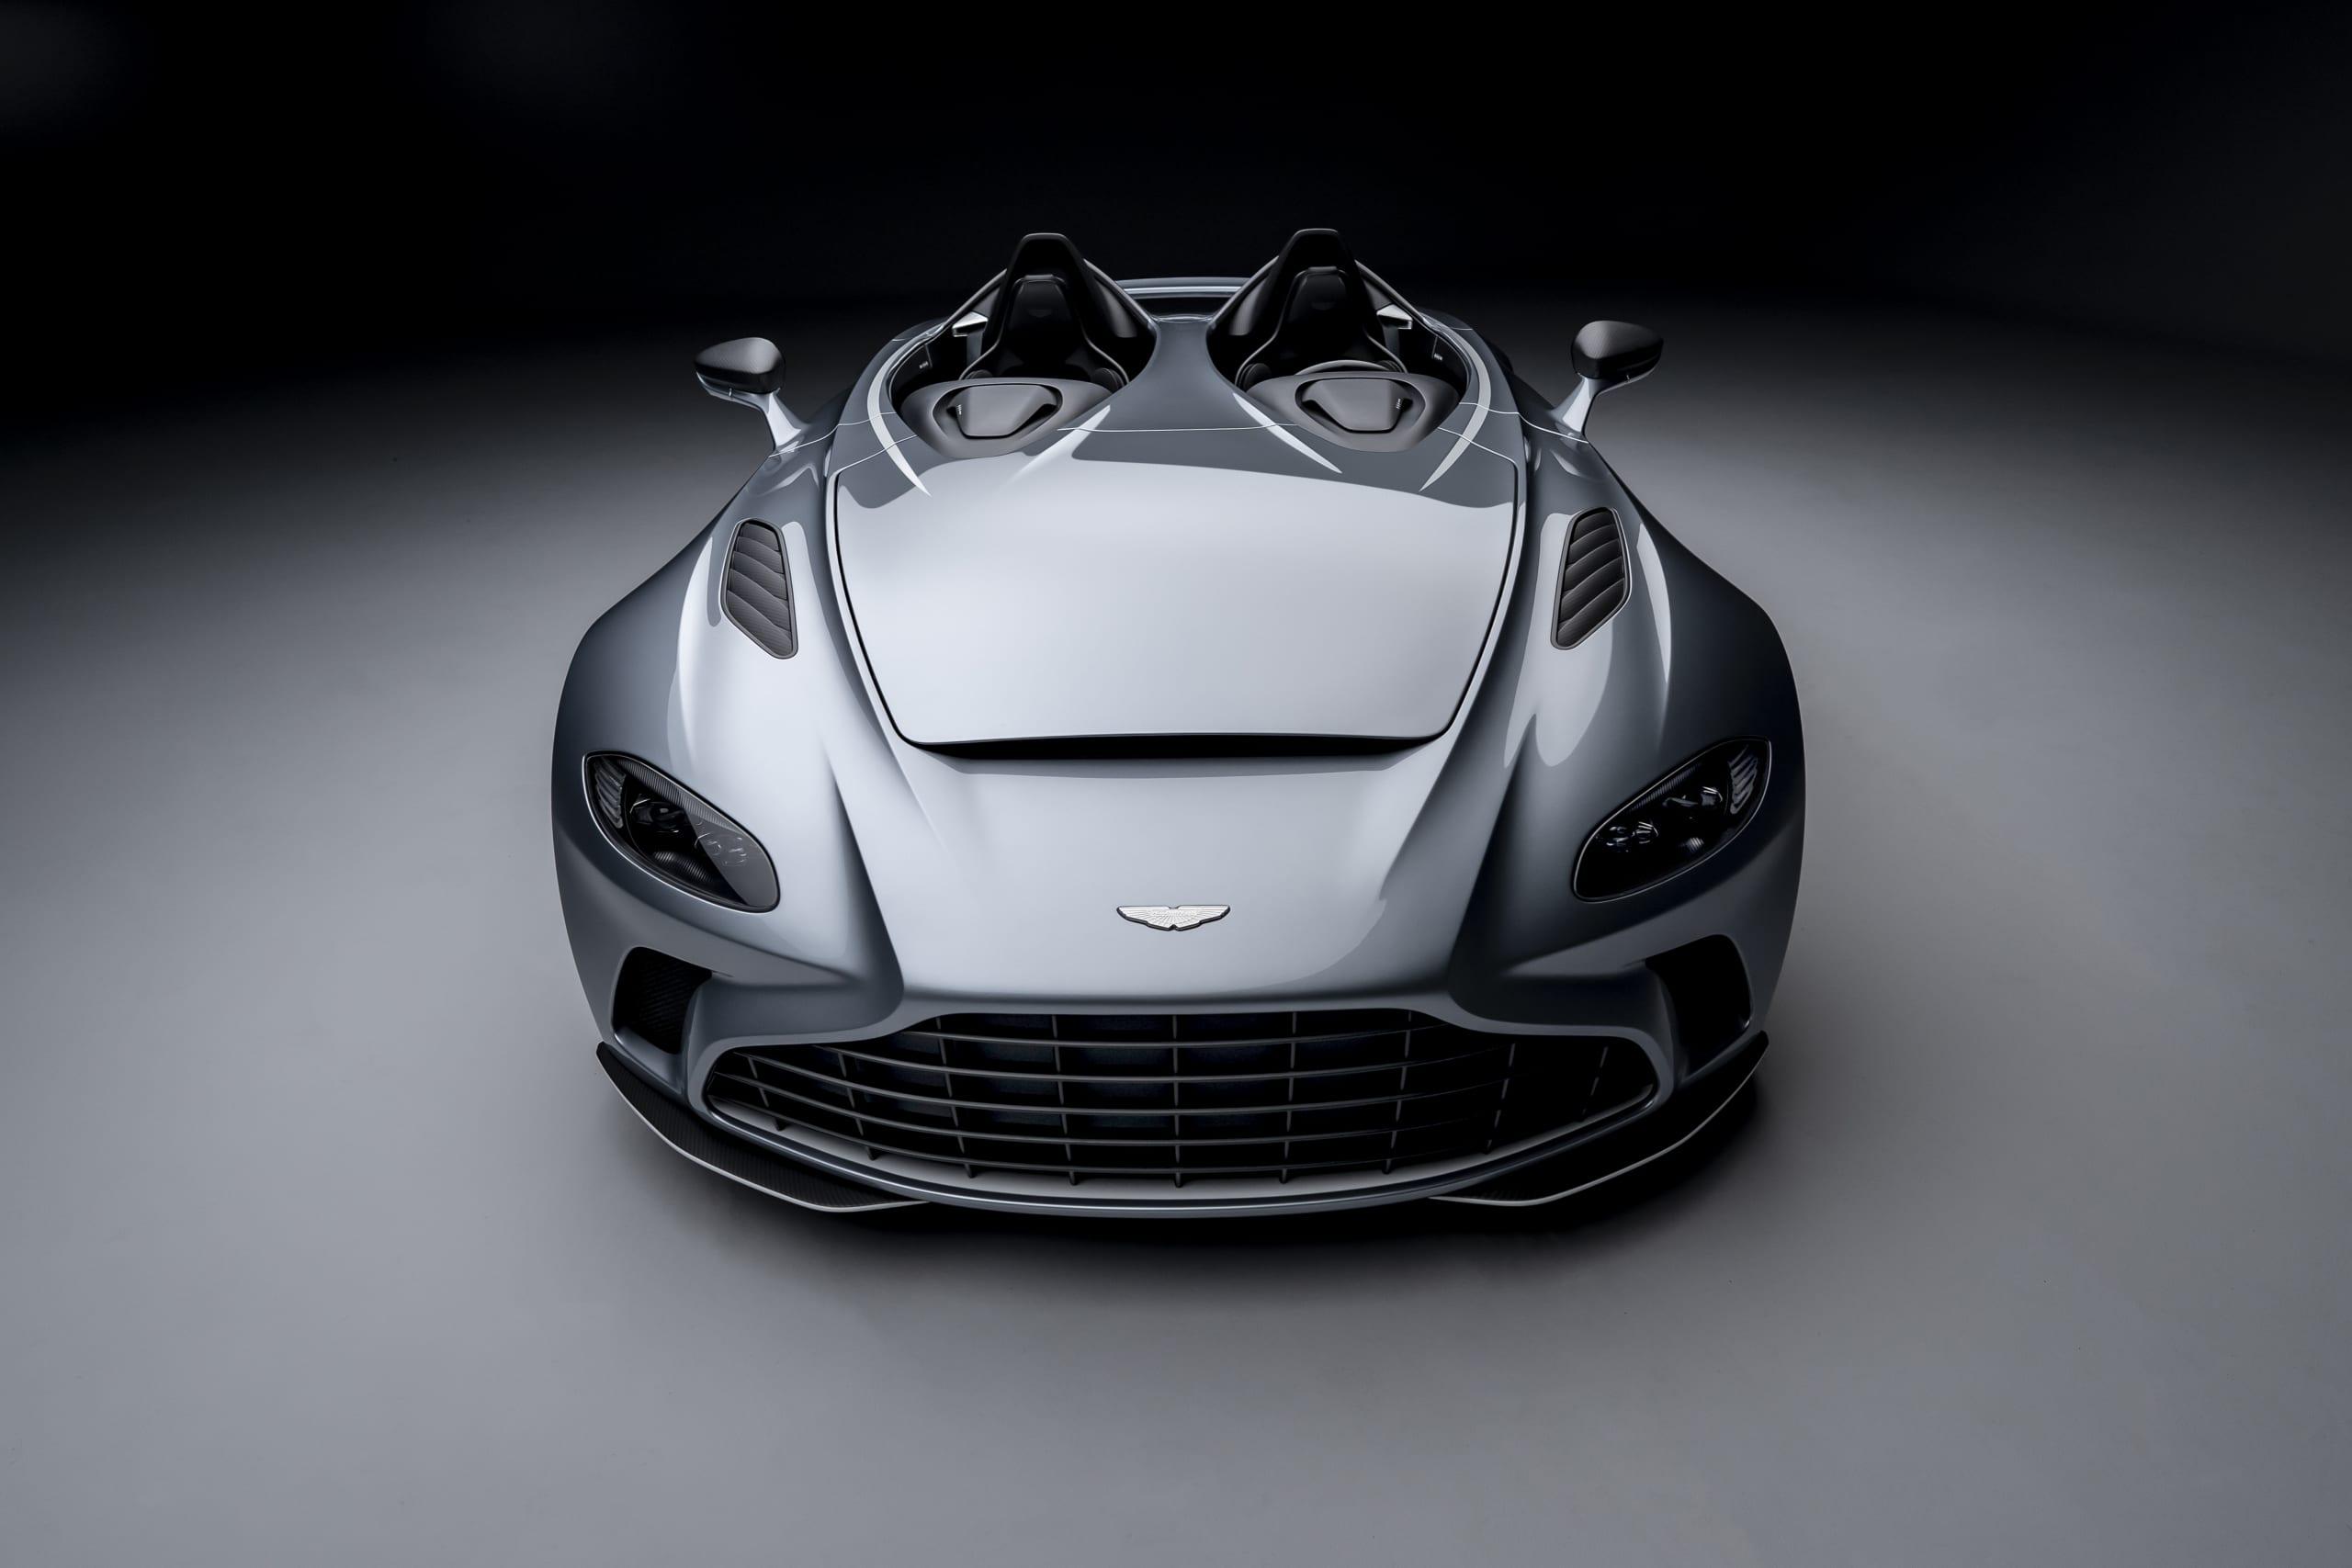 Aston Martin: prima sportiva elettrica nel 2025, si parla anche di una versione elettrica del DBX